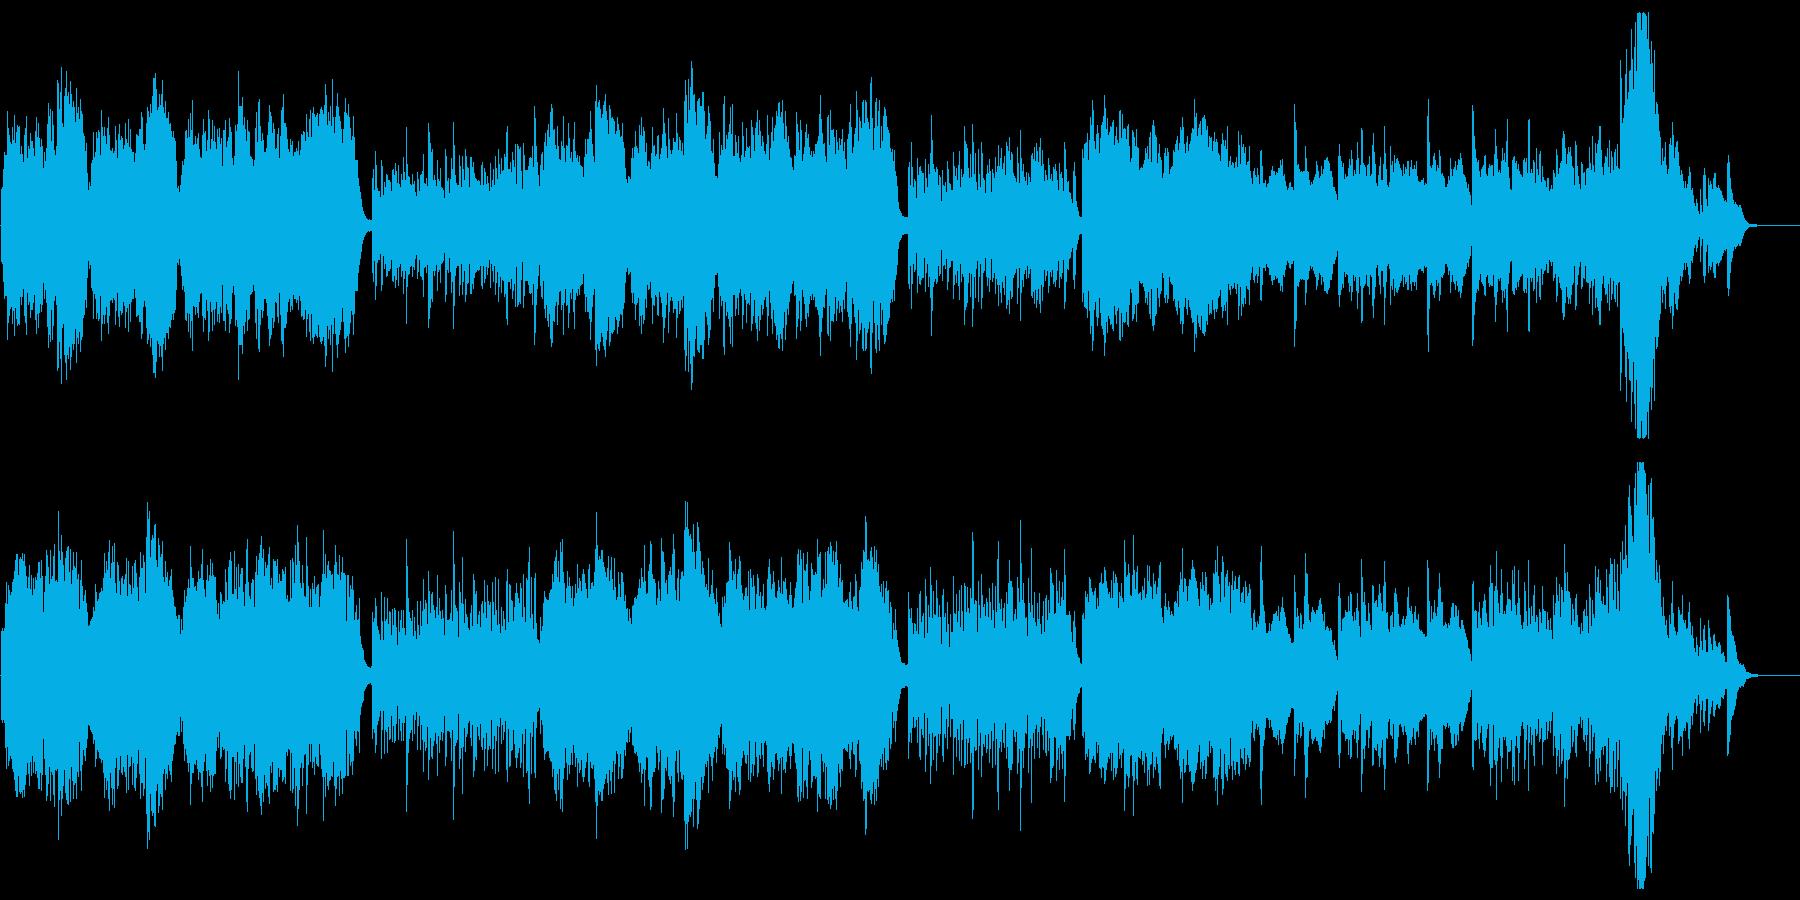 奇妙で暗いクラシック曲 『水族館』の再生済みの波形